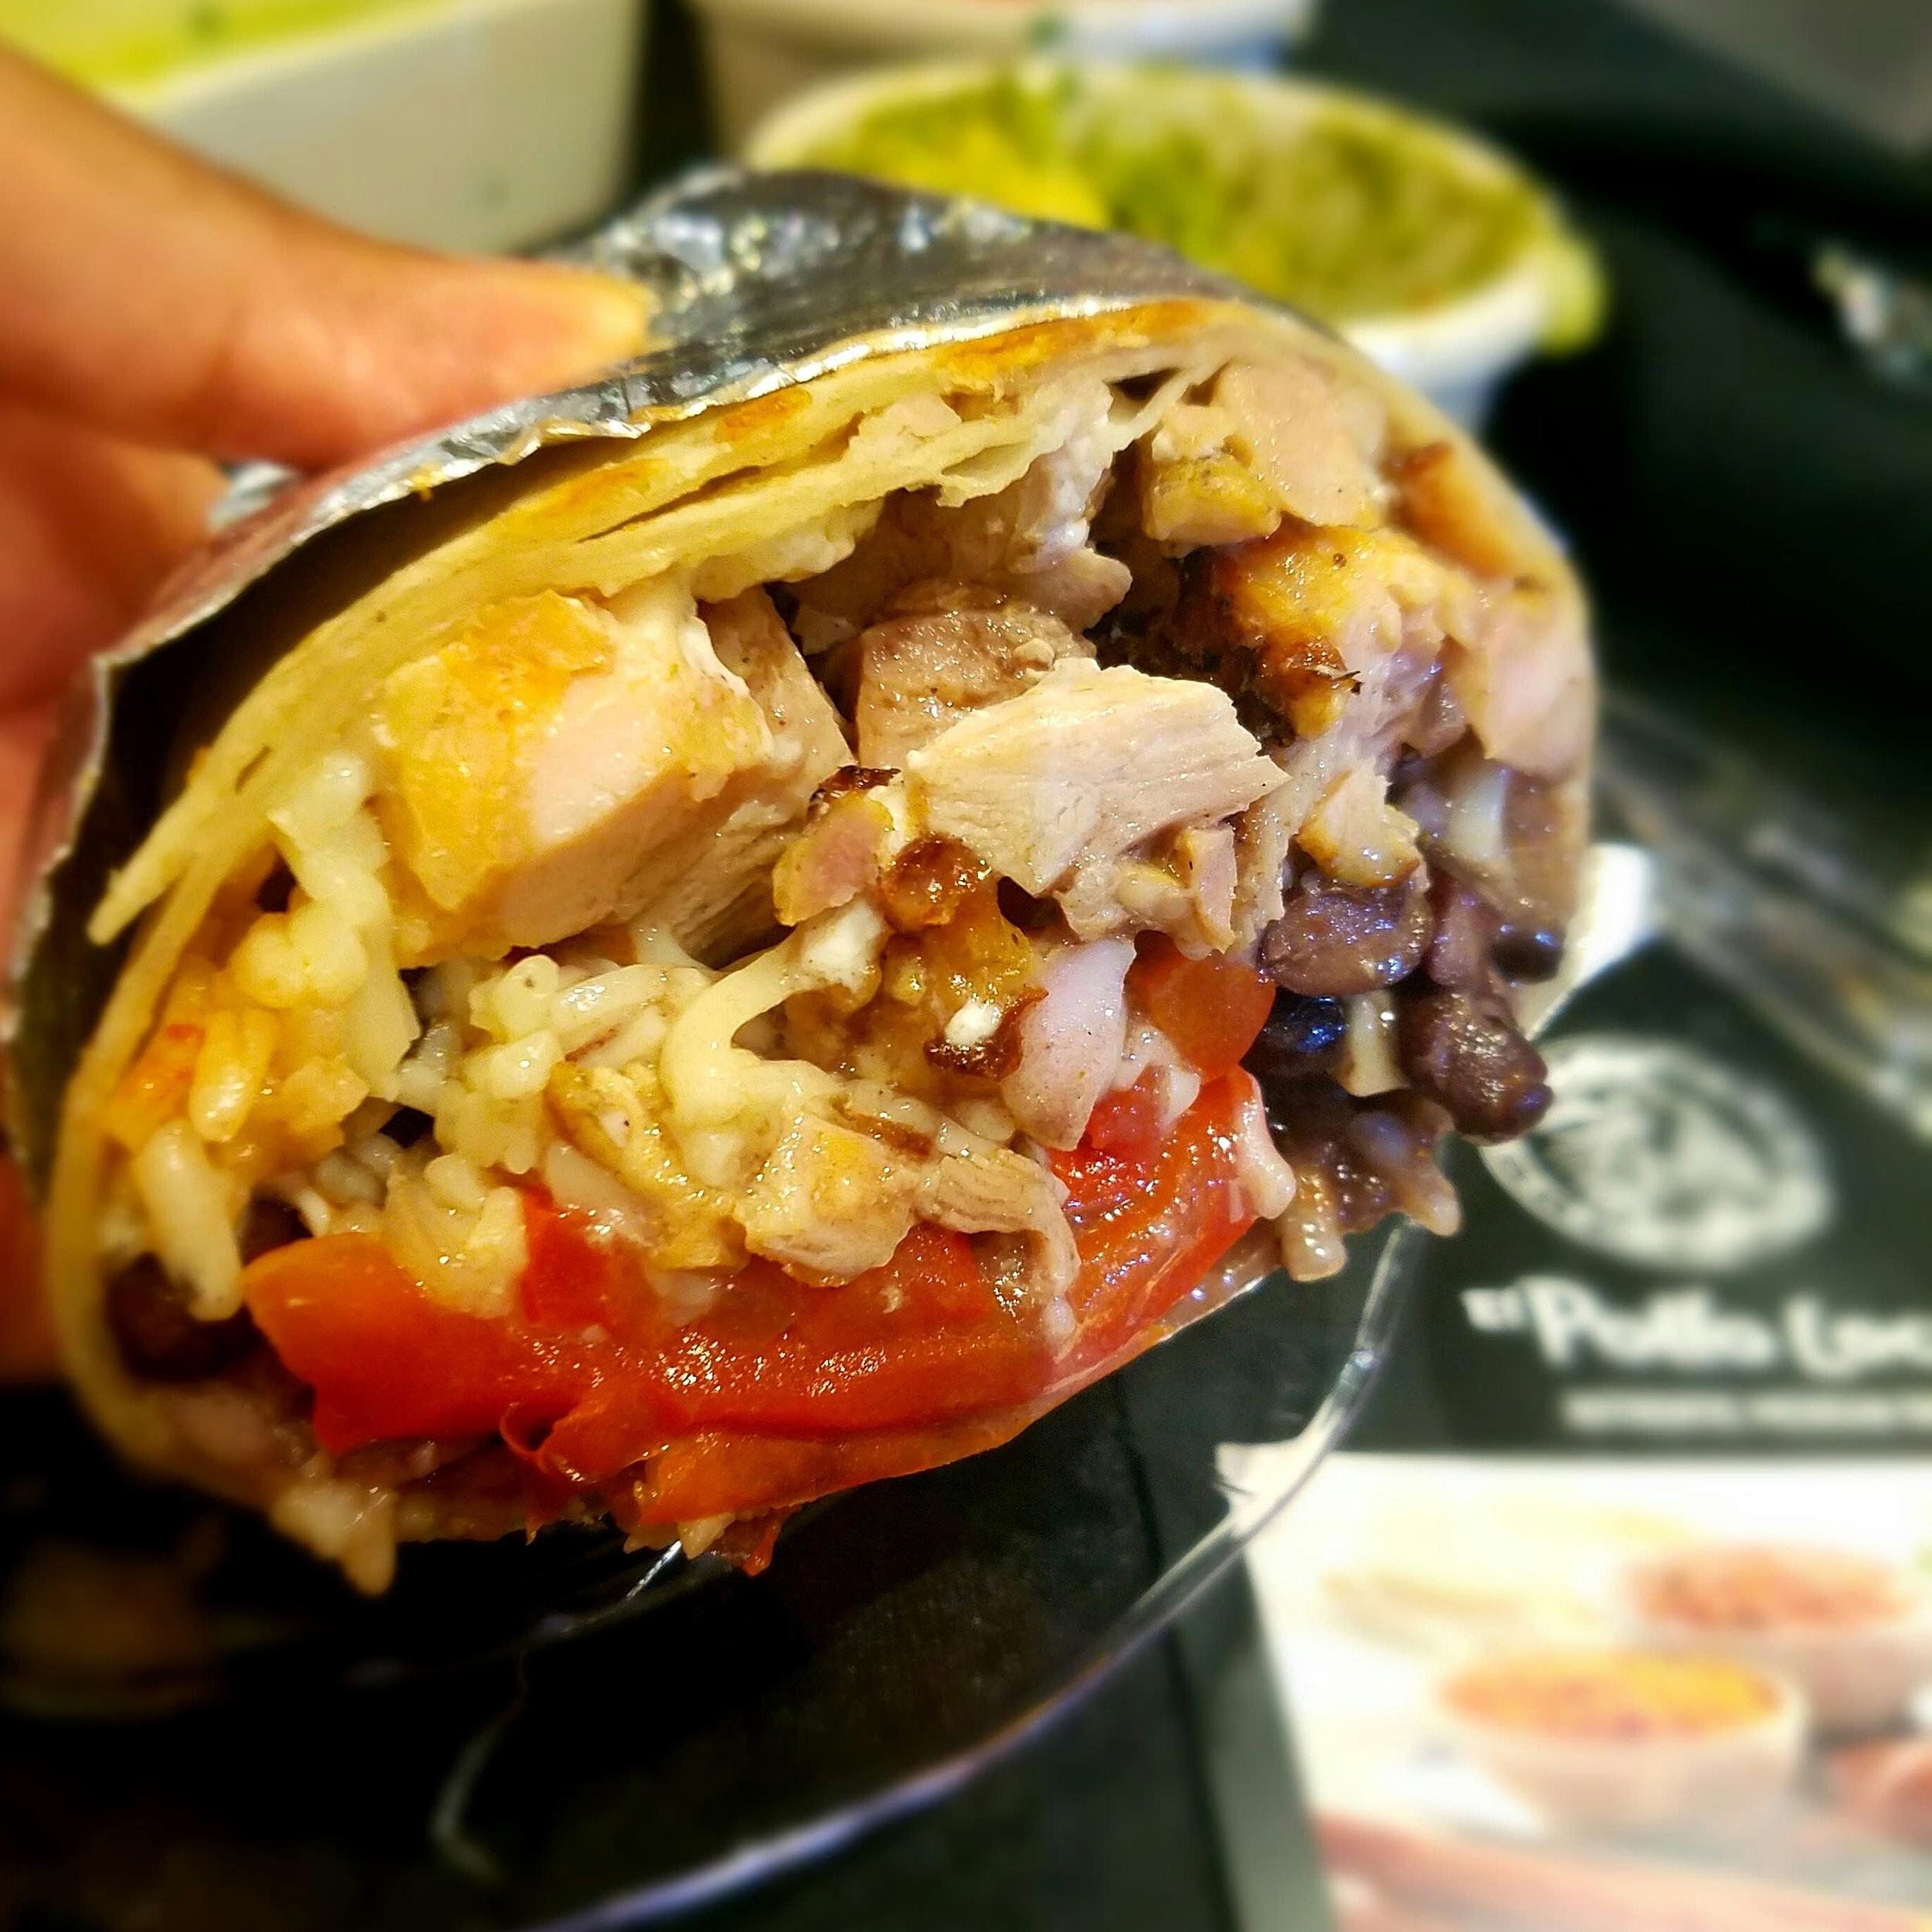 chicken-fajita-burrito-el-pollo-loco